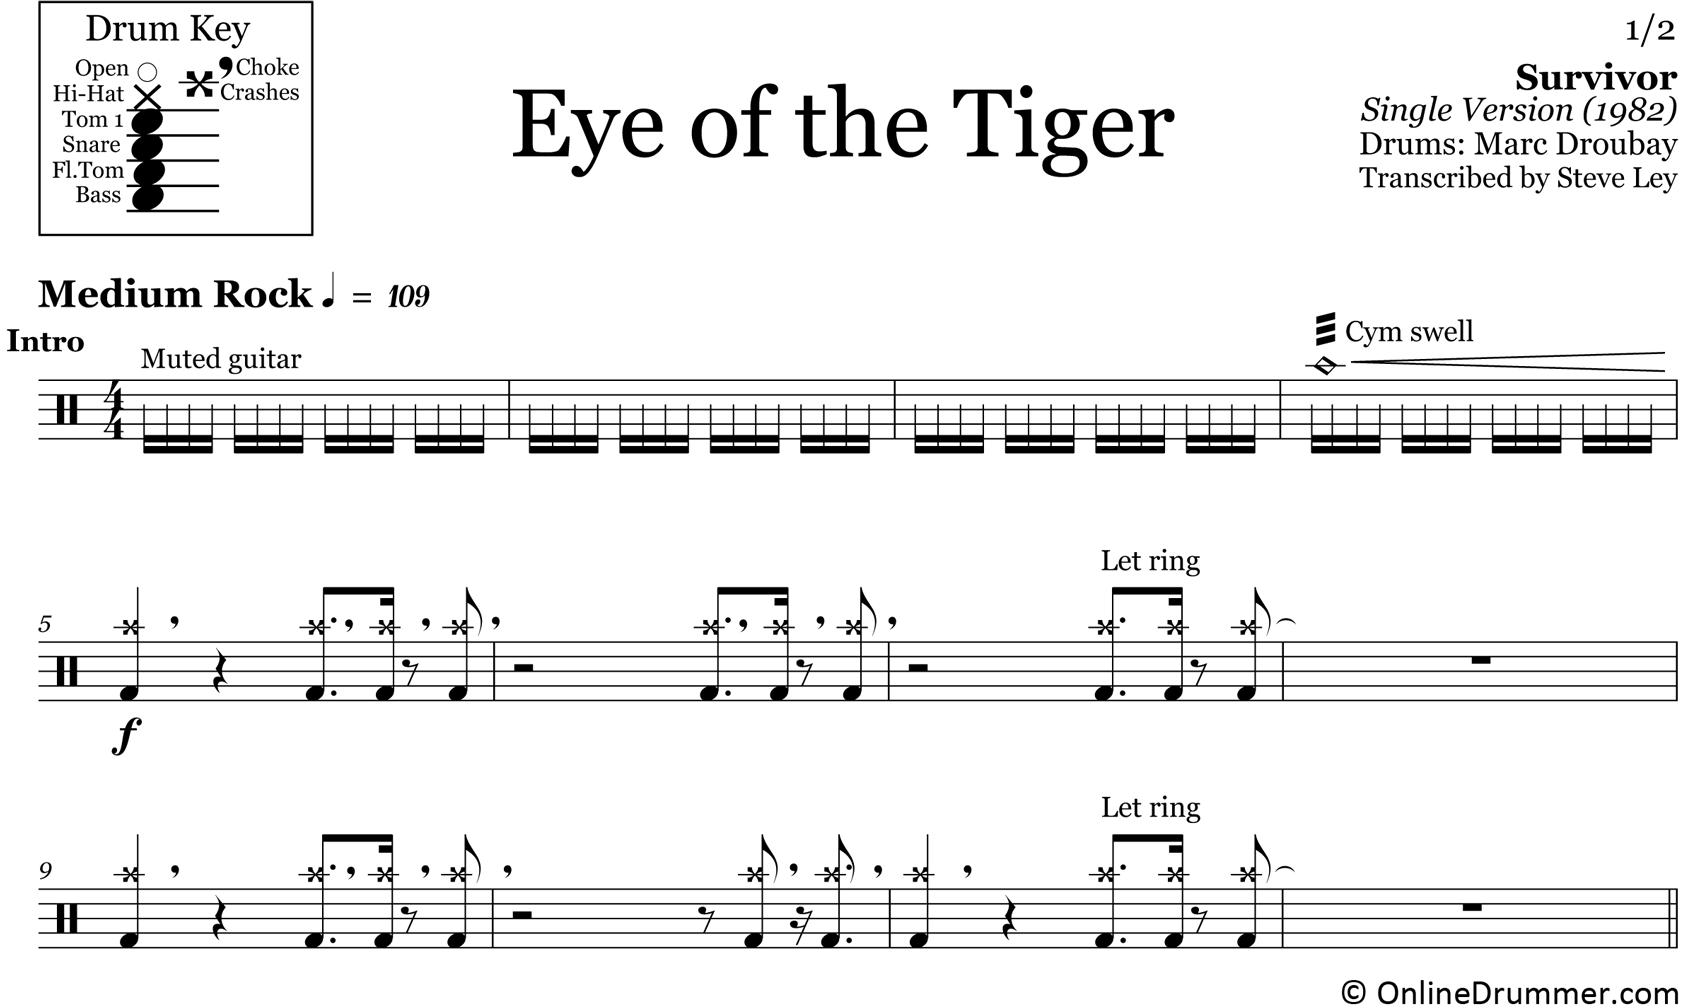 Eye of the Tiger - Survivor - Drum Sheet Music